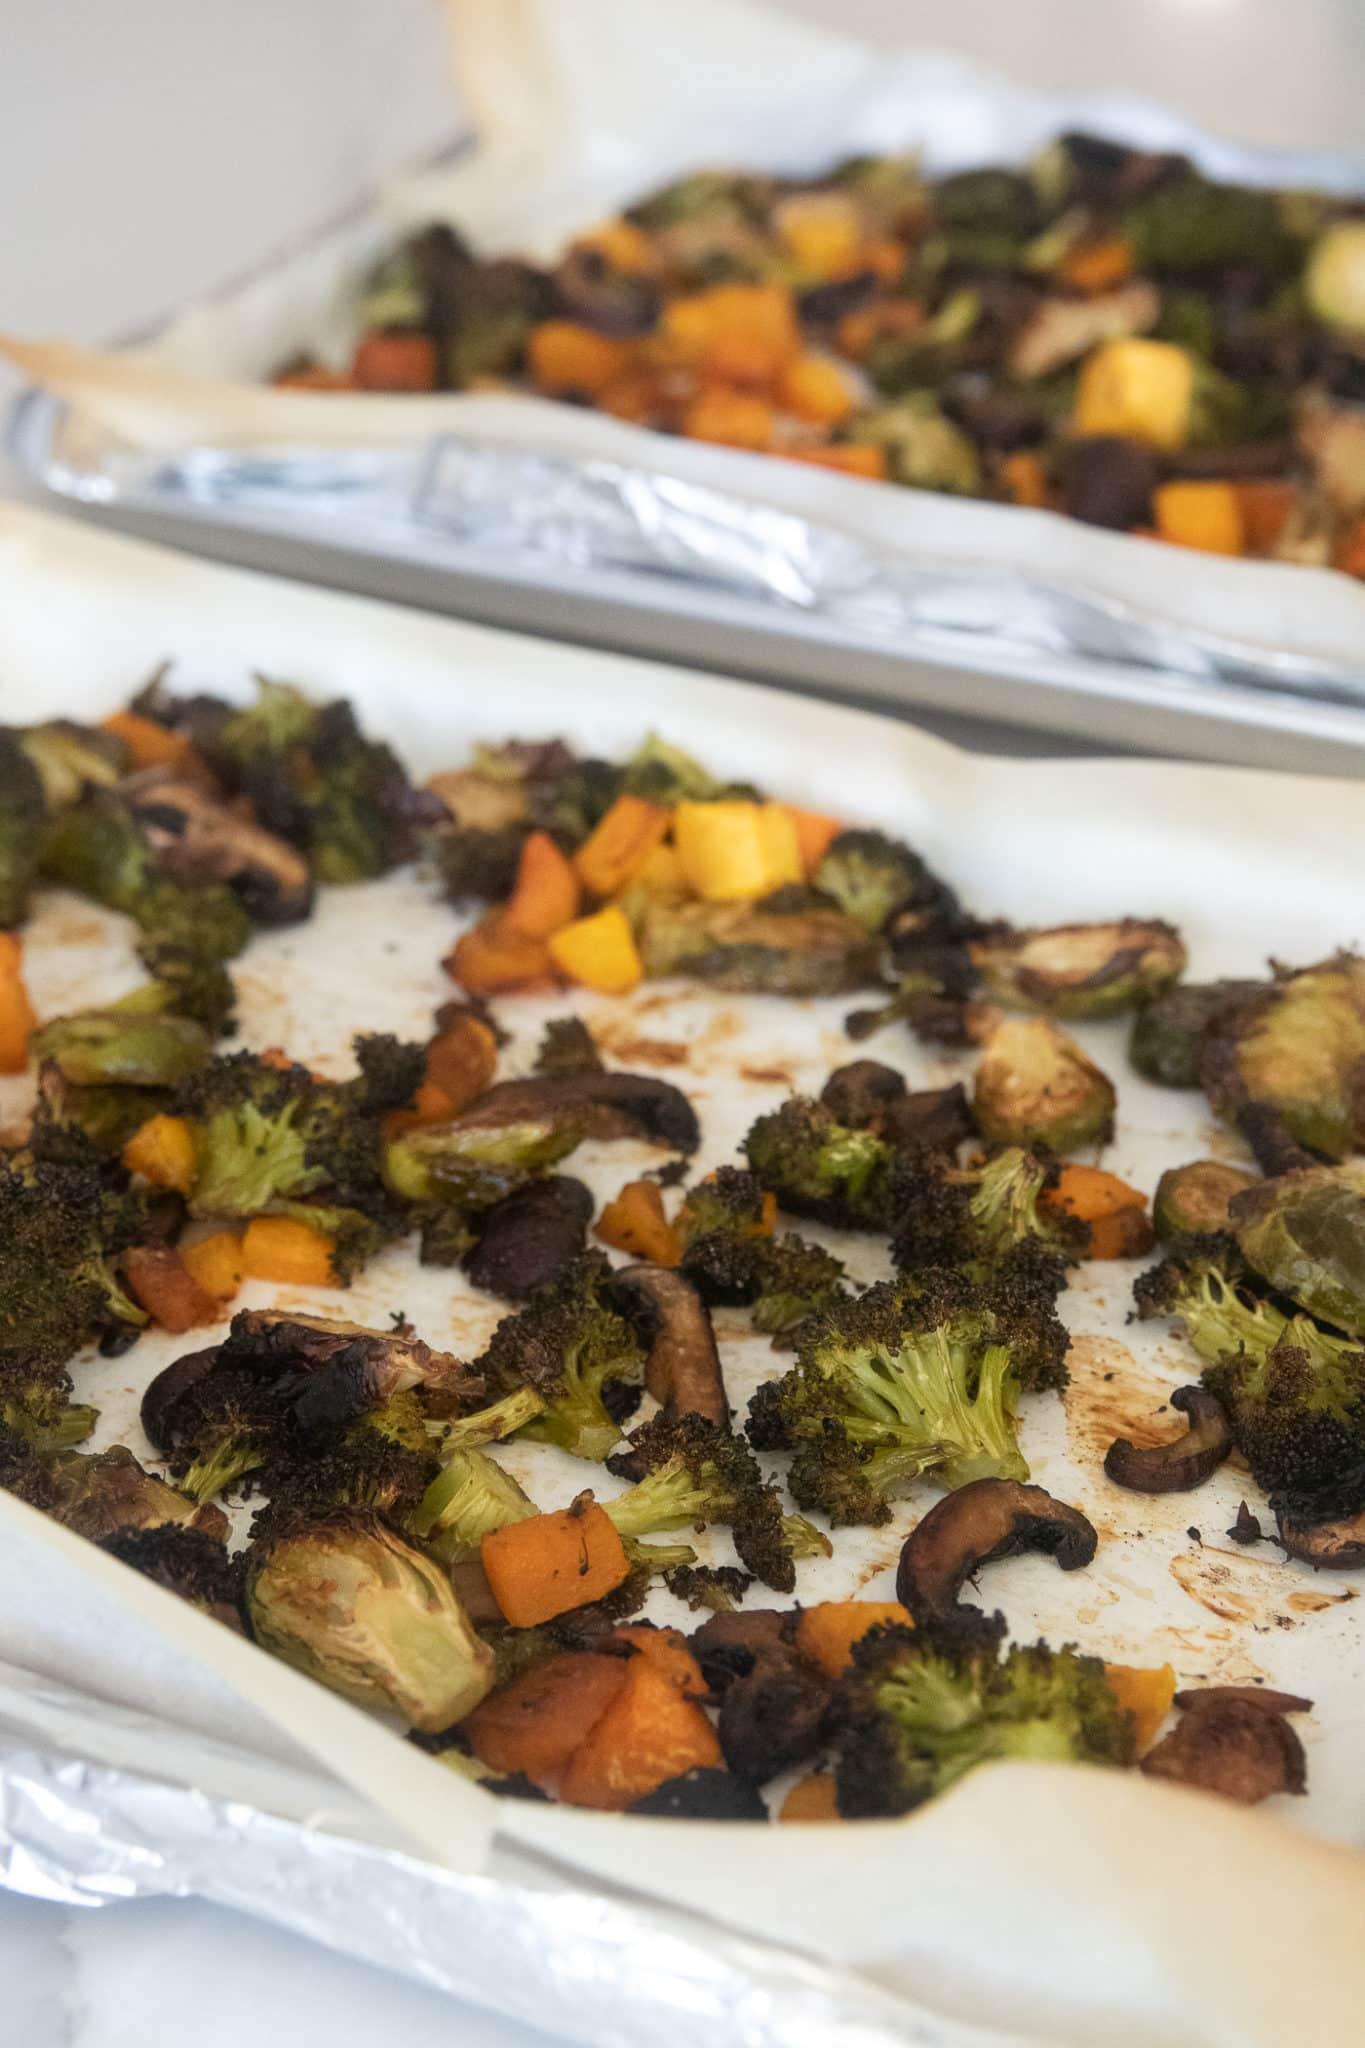 roasted vegetables on sheet pans for vegetable meal prep